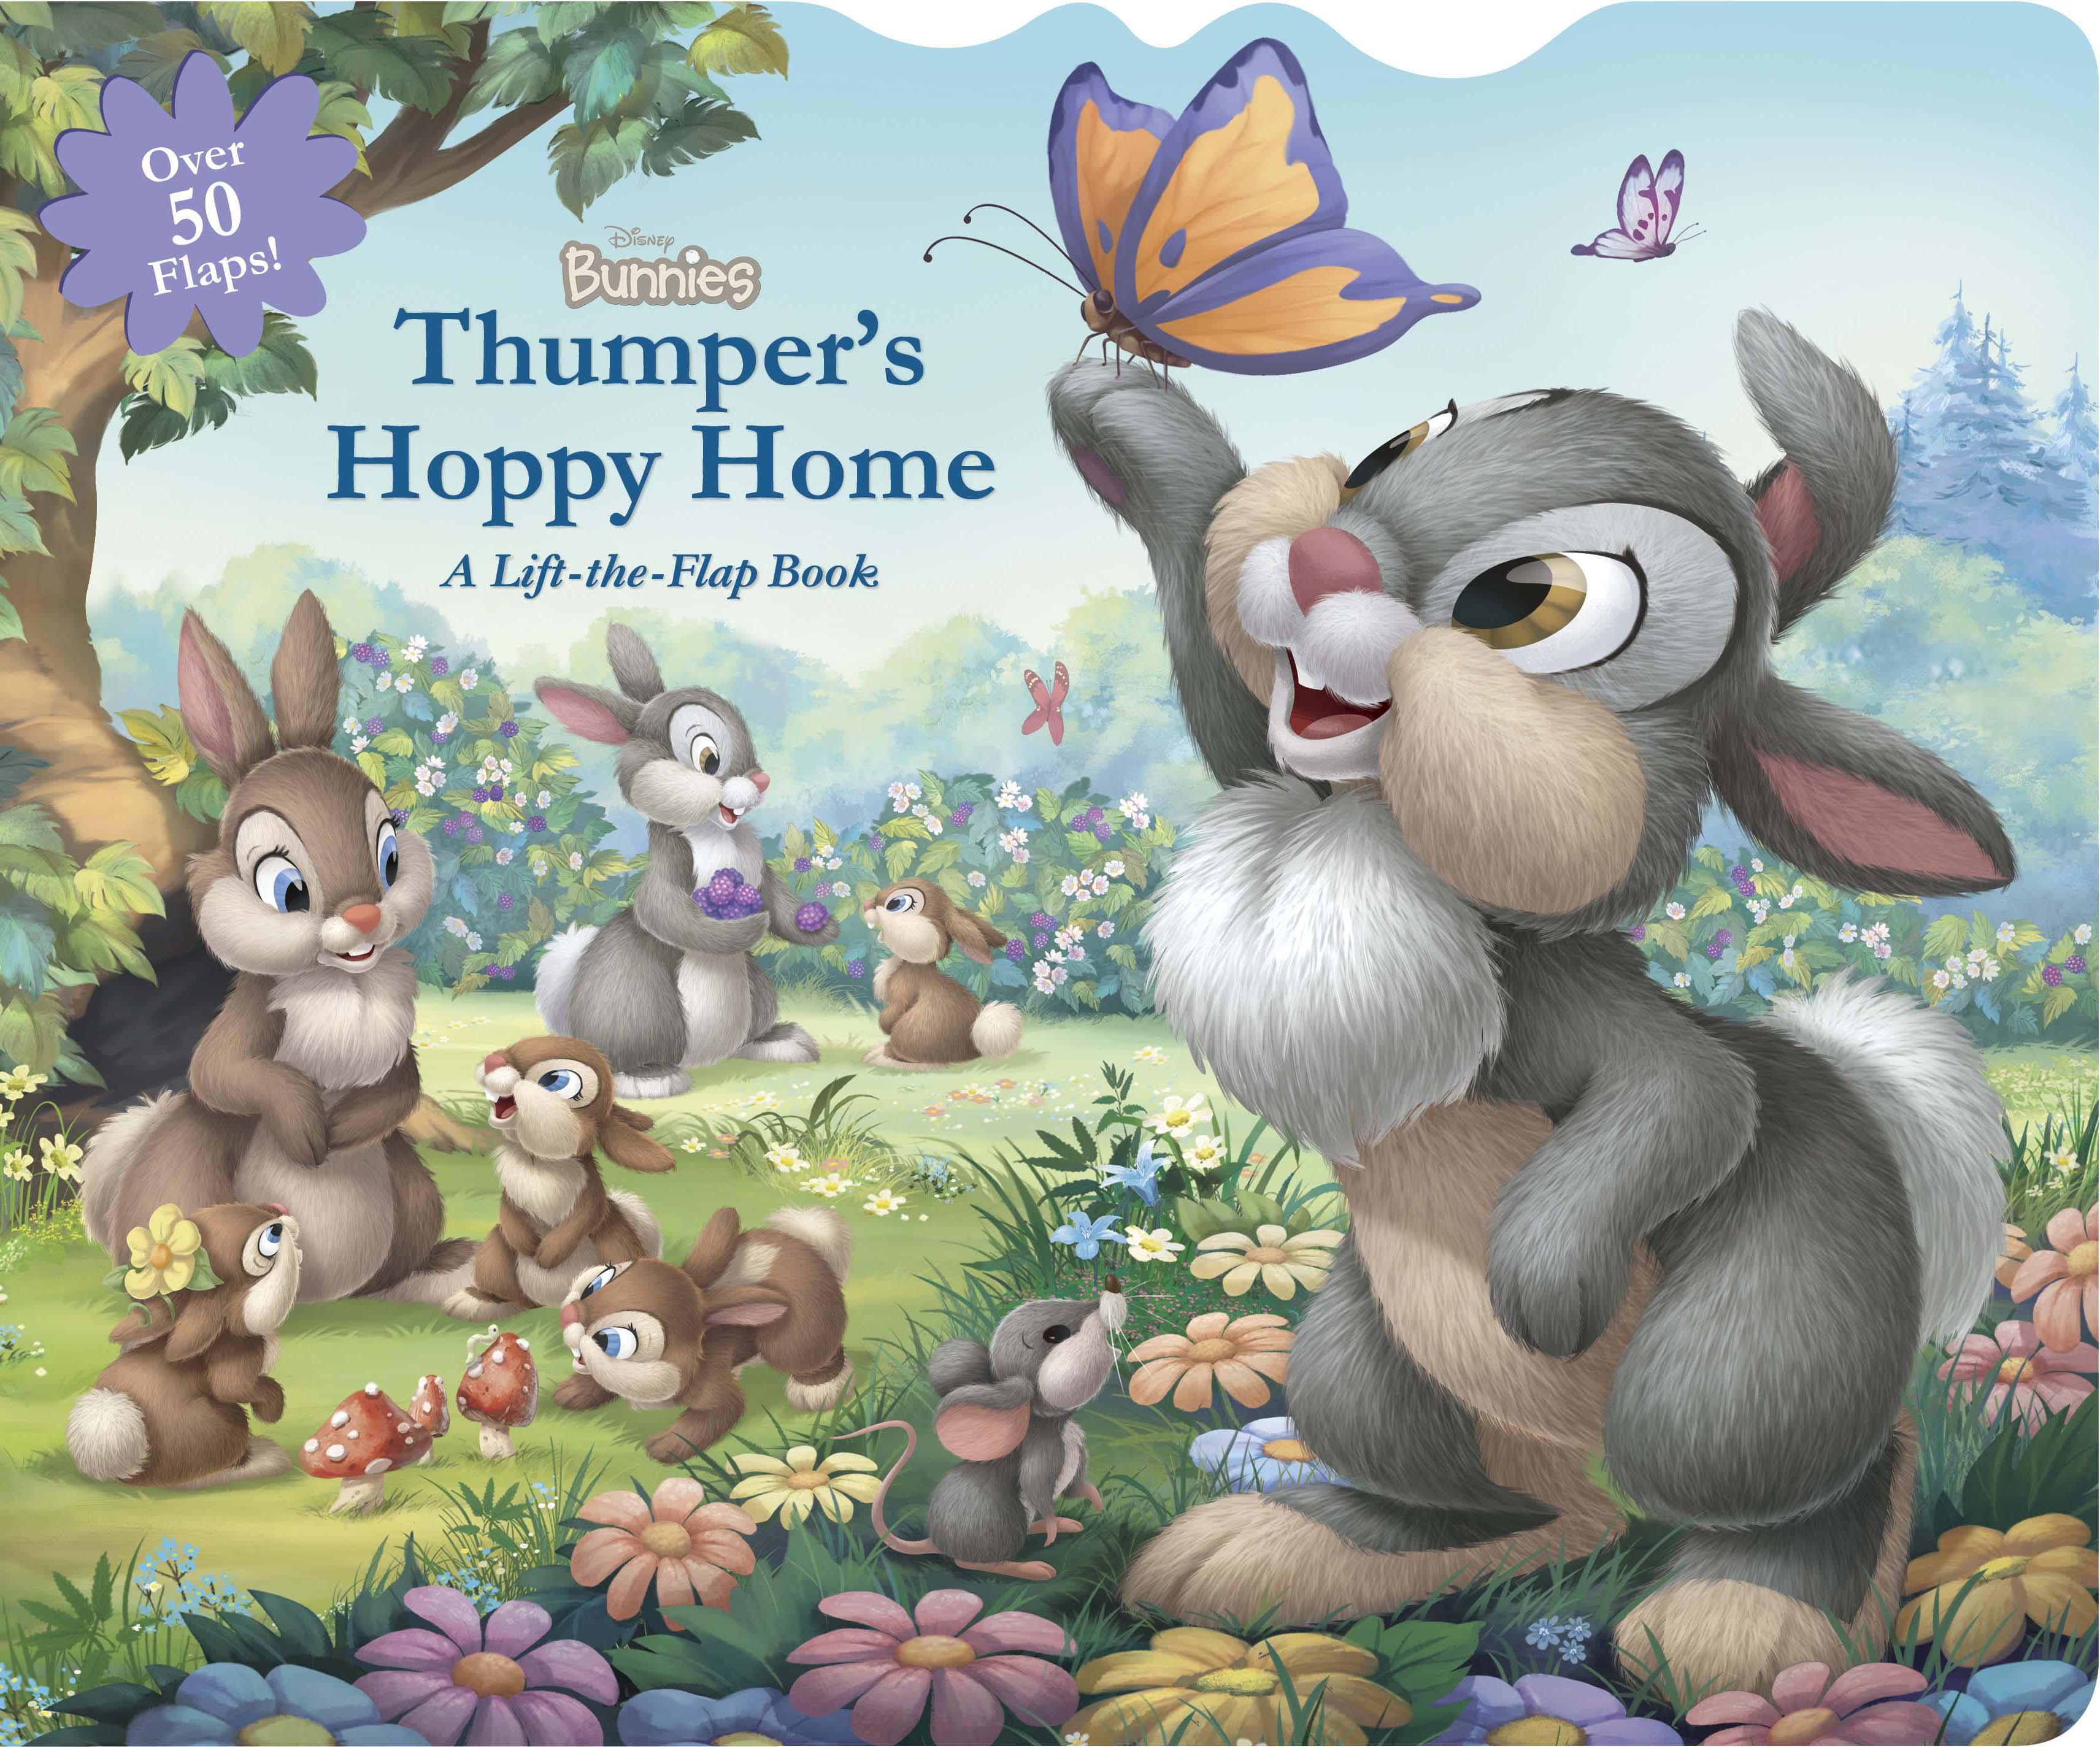 Thumper's Hoppy Home